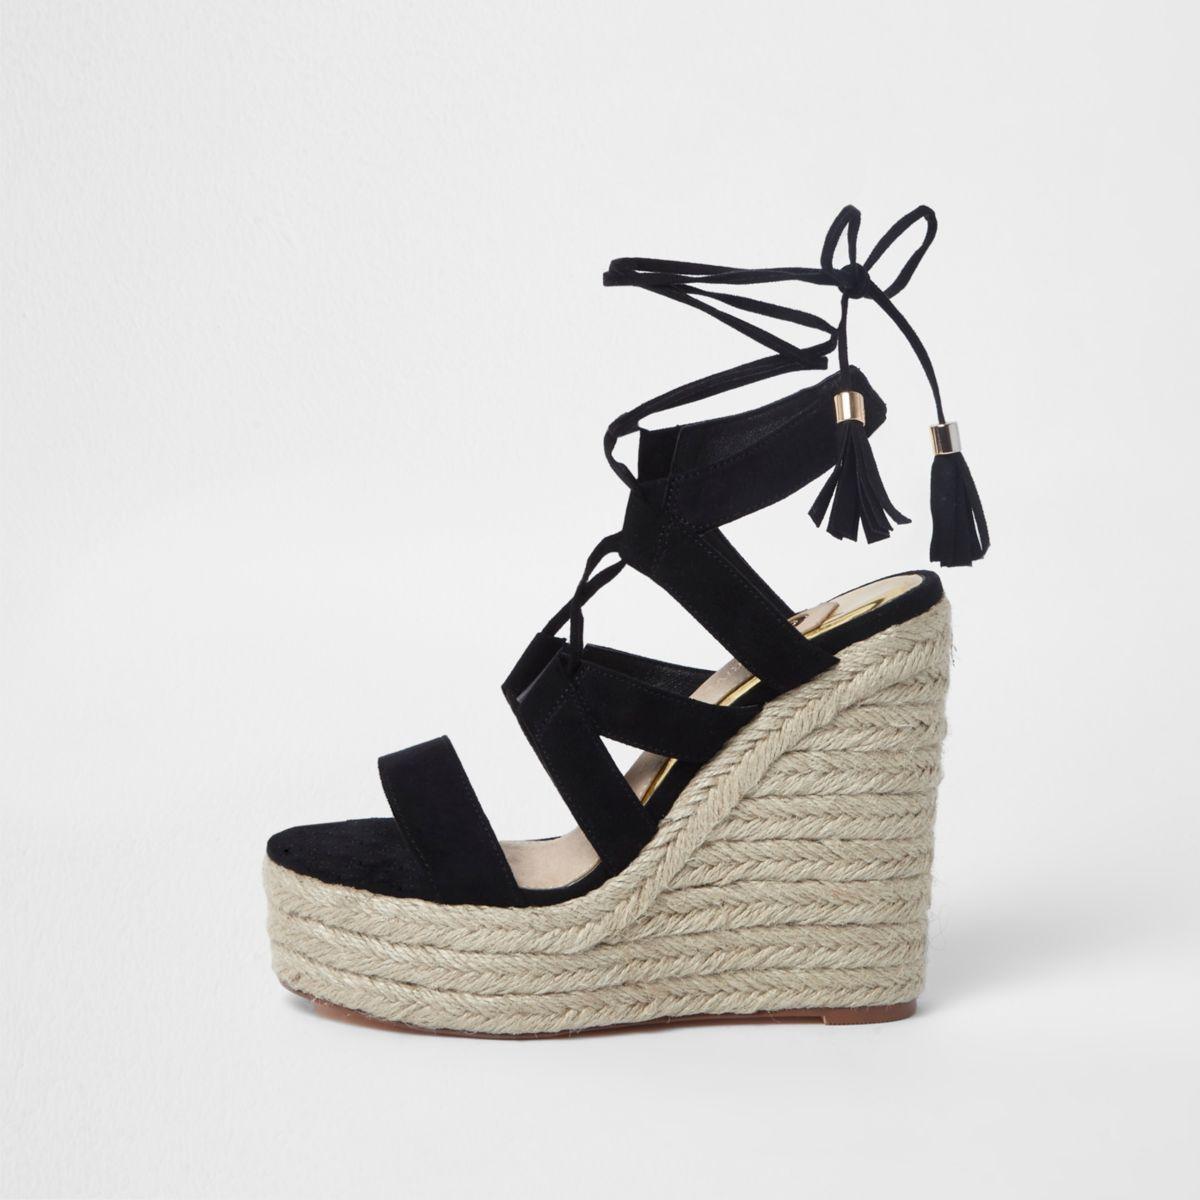 Black Lace Up Espadrille Flatform Sandal